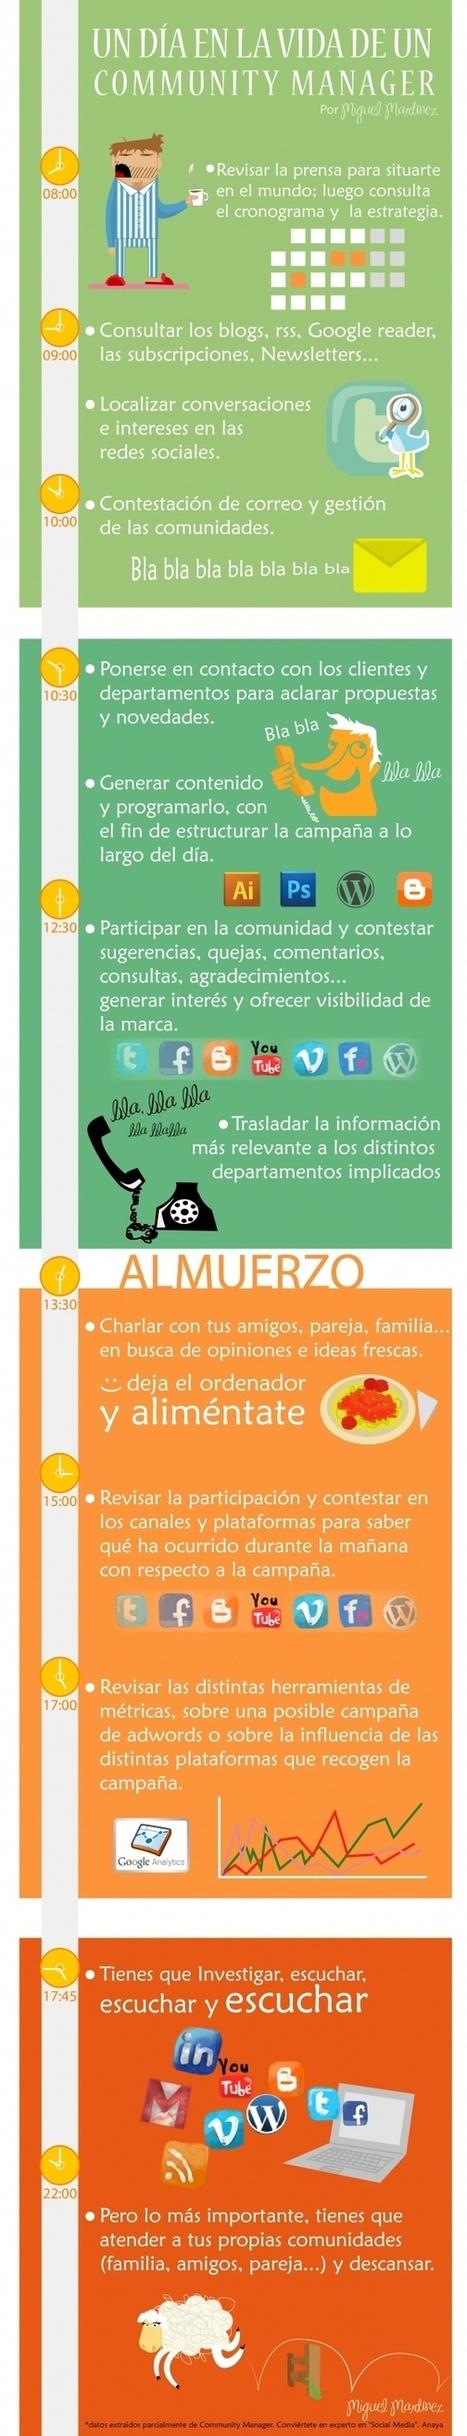 Un día como Community Manager. | Seo, Social Media Marketing | Scoop.it